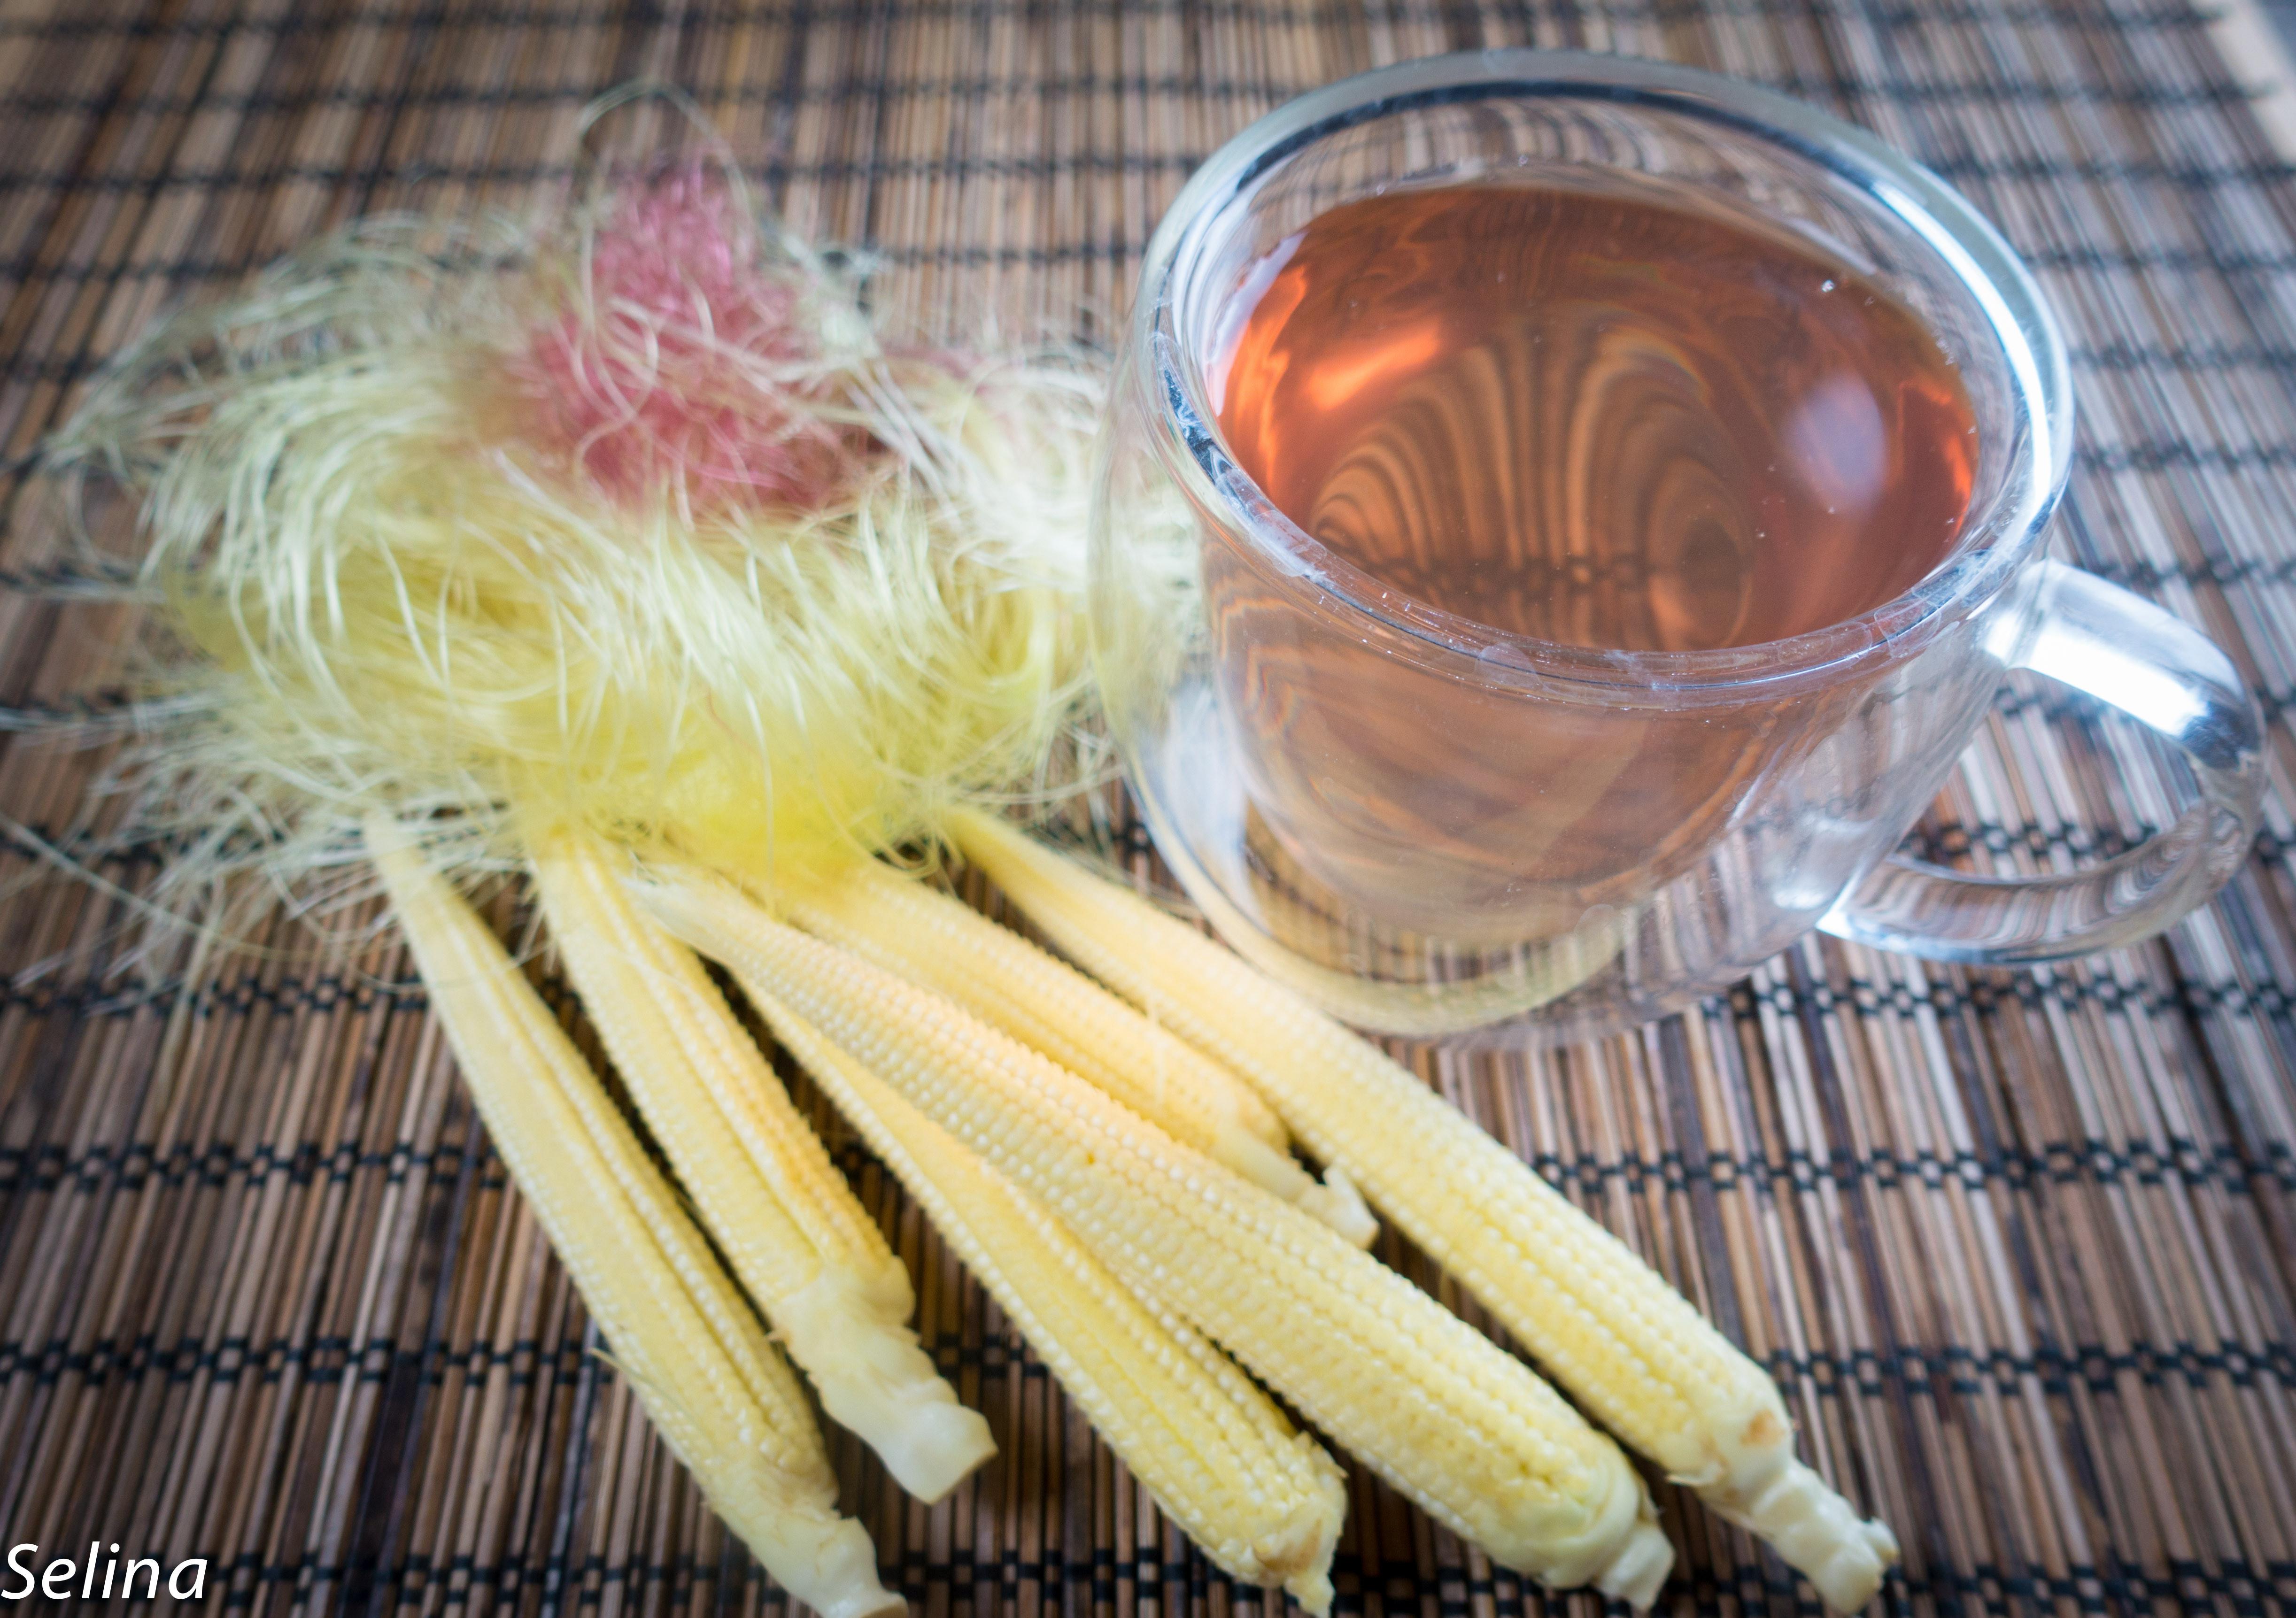 玉米鬚茶@Selina Wu